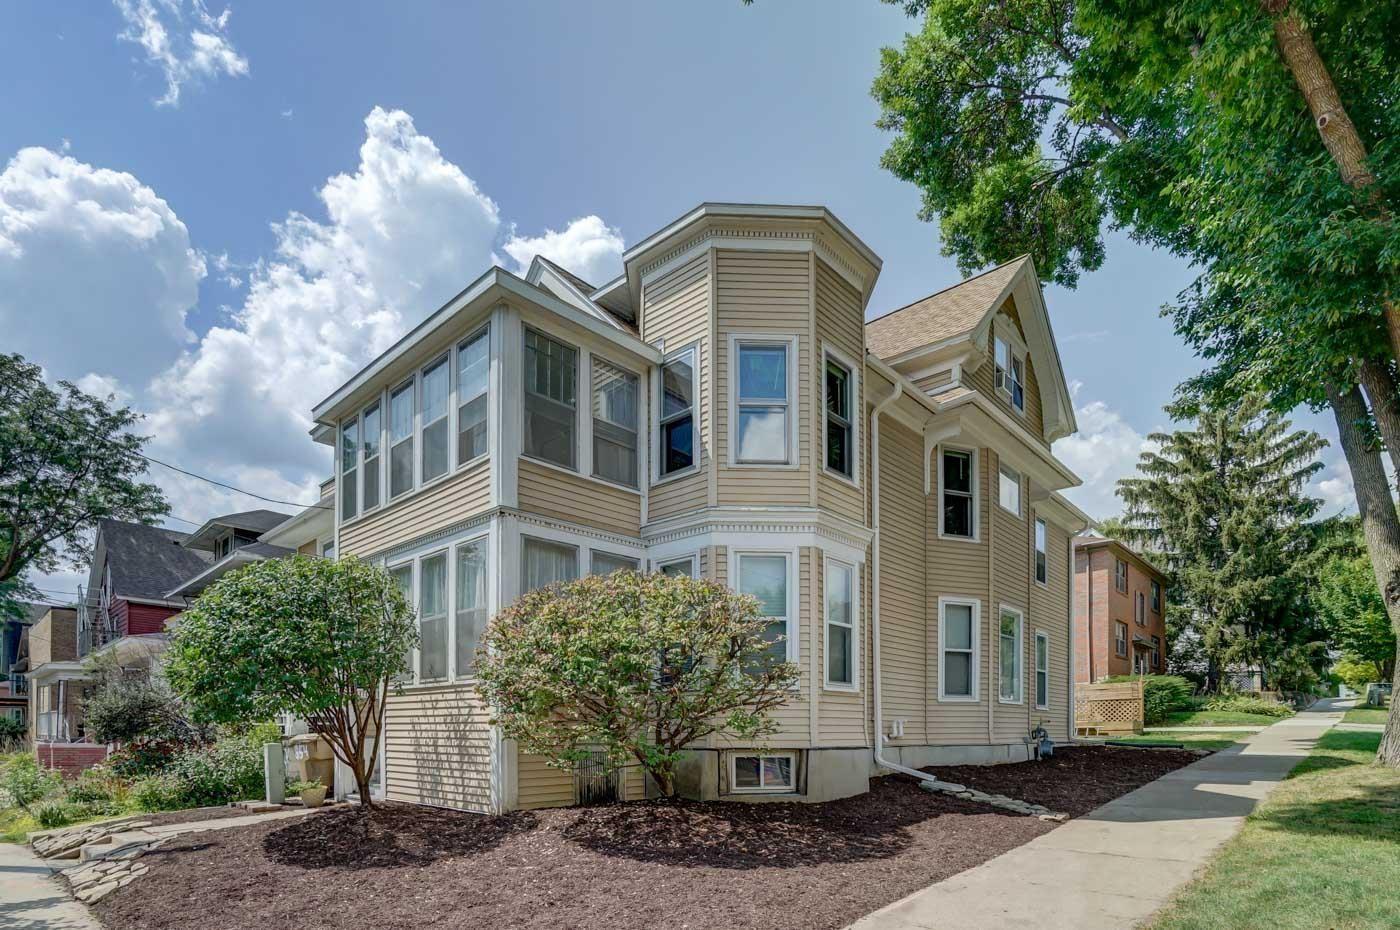 854 E Gorham St, Madison, WI 53703 - #: 1917889